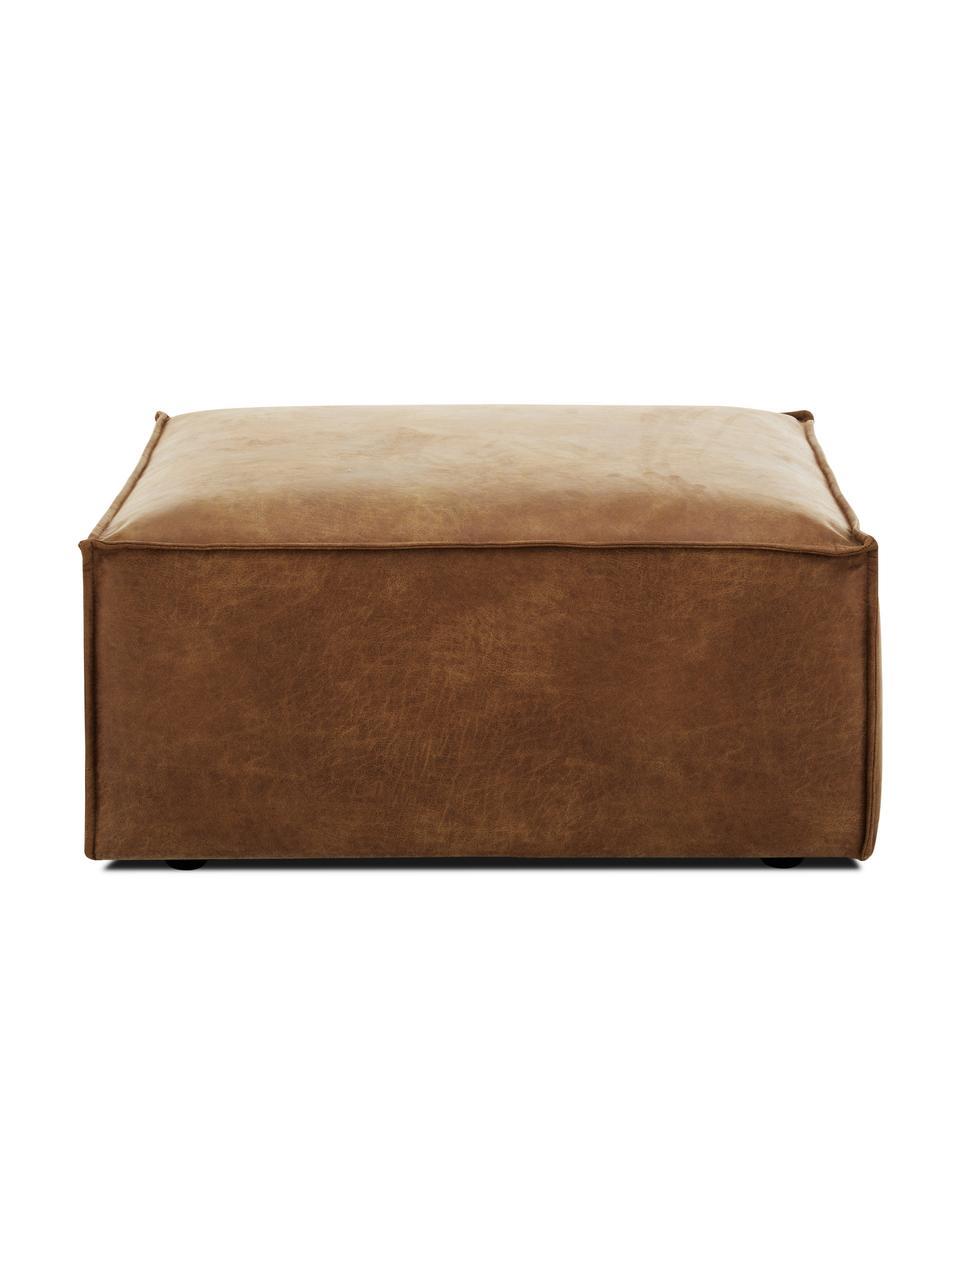 Voetenbank Lennon in bruin van gerecycled leer, Bekleding: gerecycled leer (70% leer, Frame: massief grenenhout, multi, Poten: kunststof, Leer bruin, 88 x 43 cm